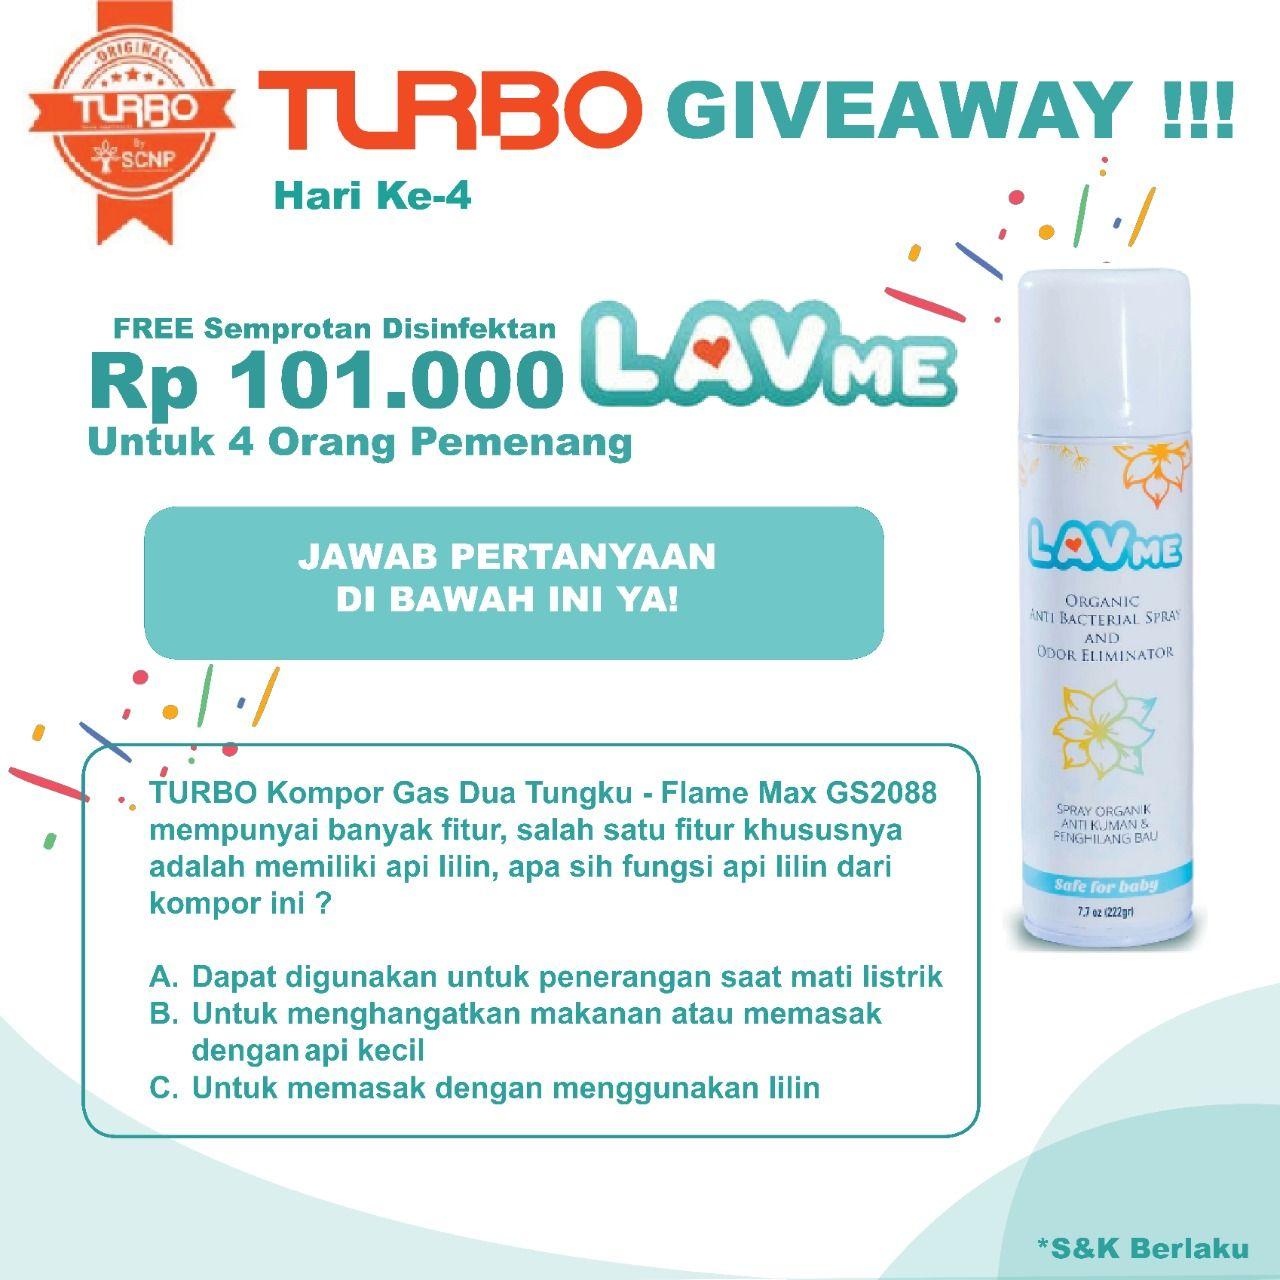 Hai Sobatidamanturbo Minbo Punya Kabar Gembira Untuk Kalian Giveaway Turbo Indonesia Hadir Lagi Nih Kali Ini Minbo Mau Bagi B Di 2020 Semprotan Haiku Media Sosial